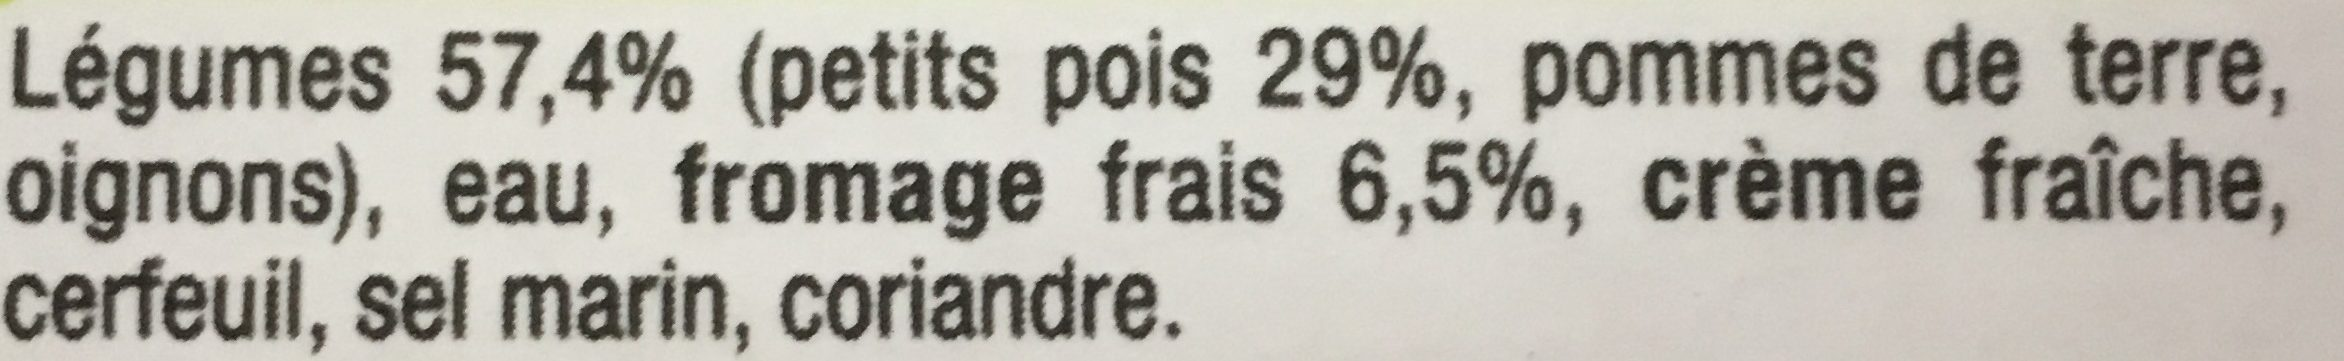 Soupe Petit Pois Fromage Frais - Ingredients